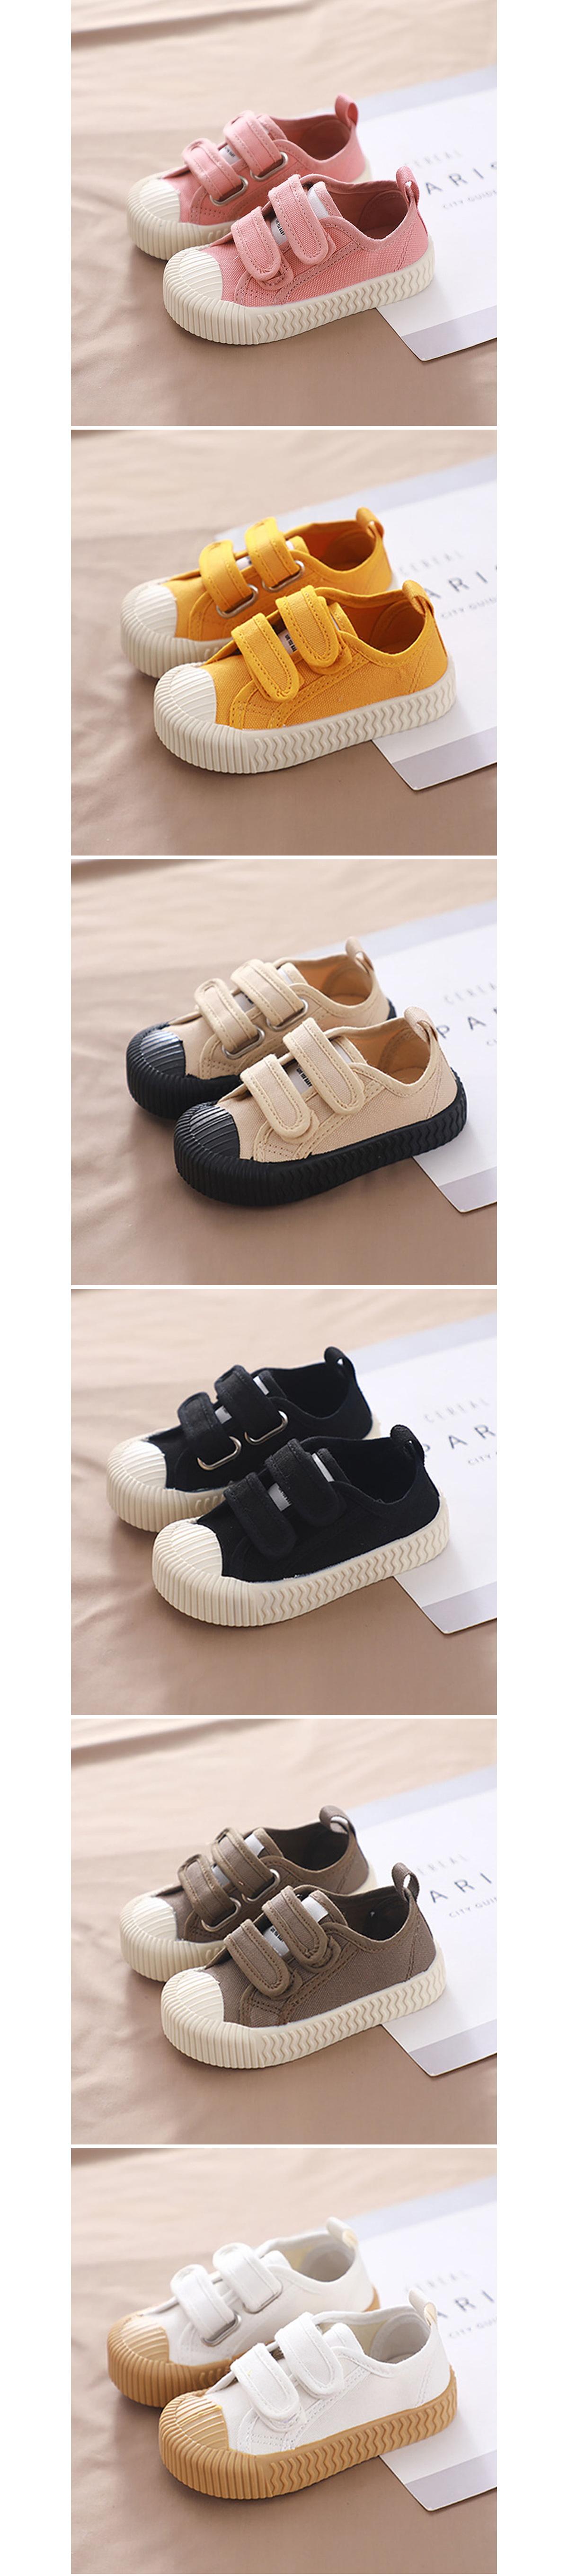 韓國兒童餅乾鞋.軟底休閒帆布鞋.童裝